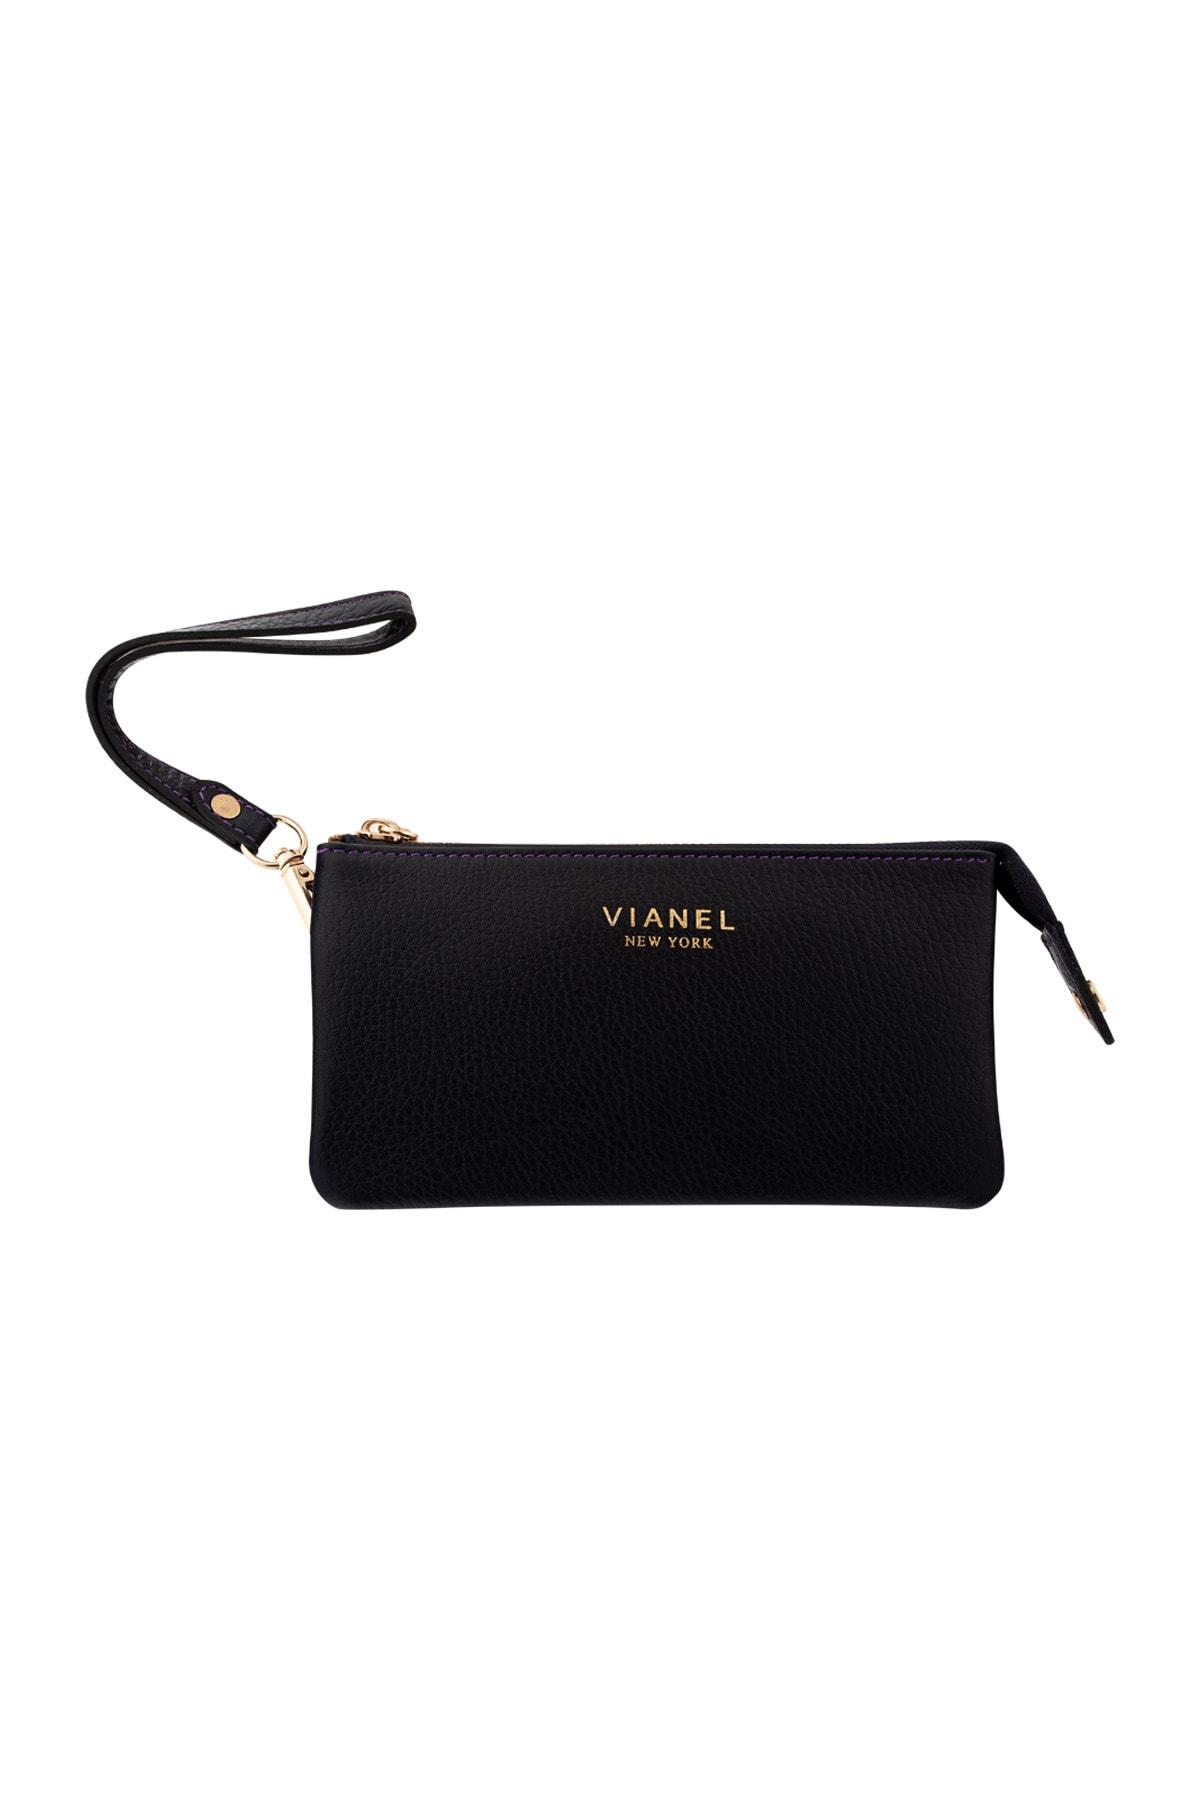 Vianel New York Verona Hakiki Deri Tulum Dikişli Siyah Mürdüm Kadın Cüzdanı 1